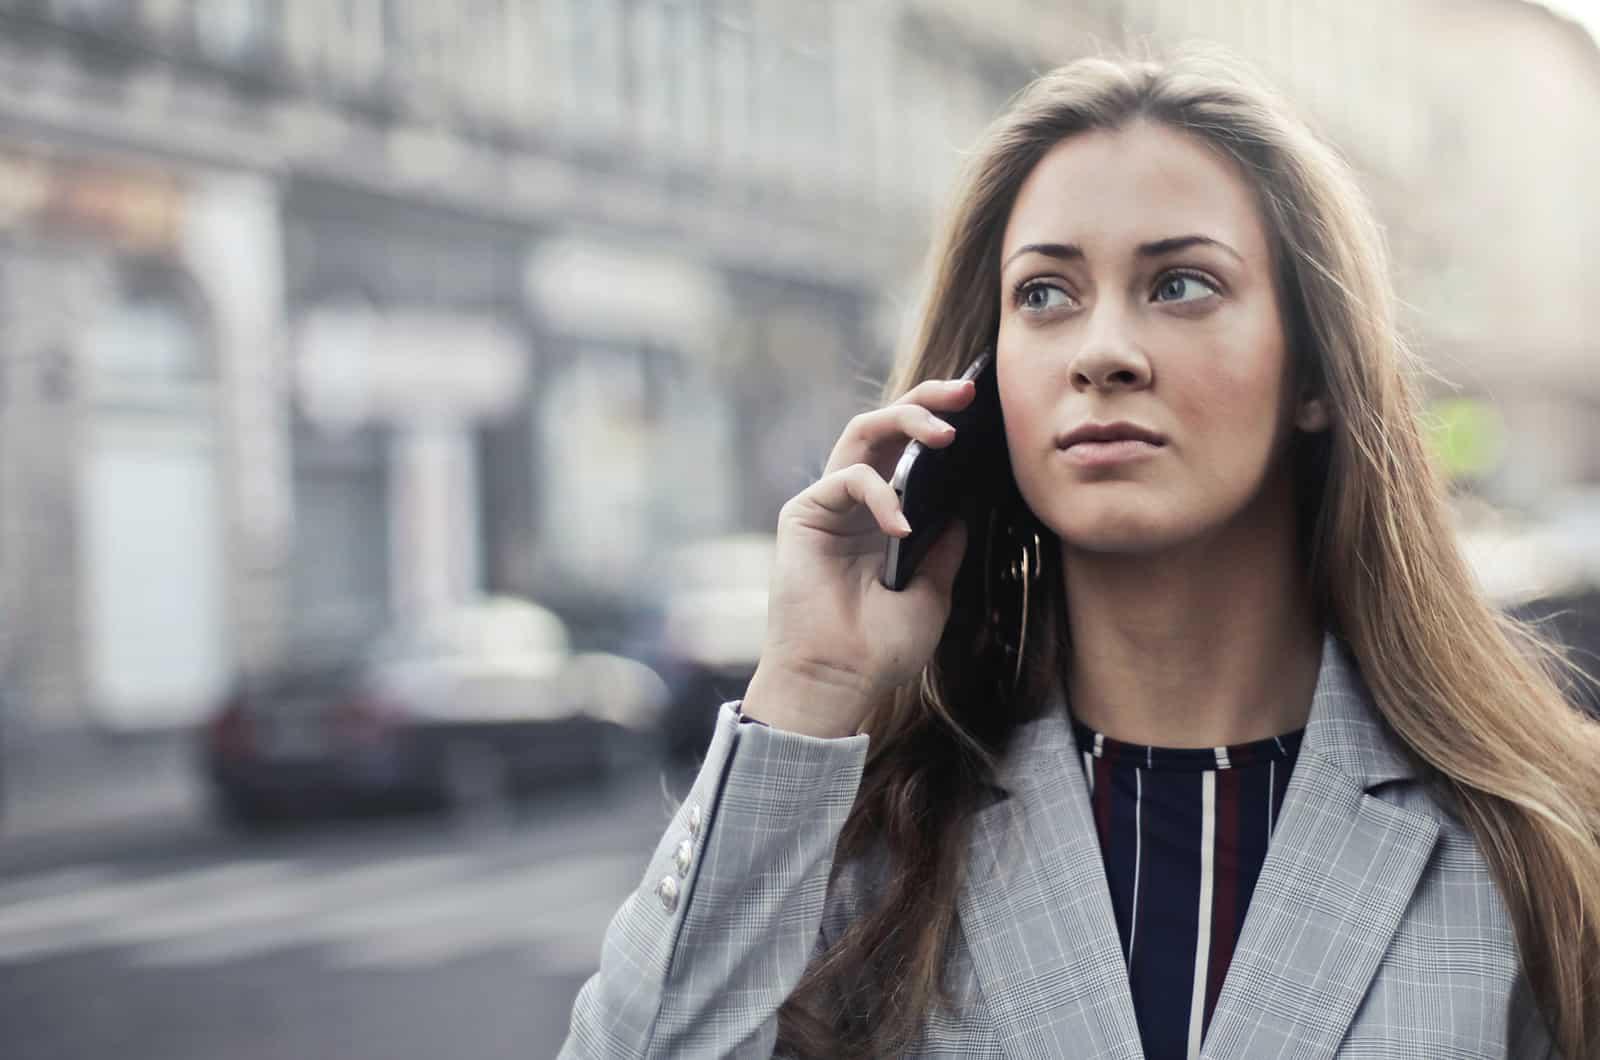 eine Frau, die versucht, einen Freund am Telefon zu erreichen, während sie durch die Stadt geht